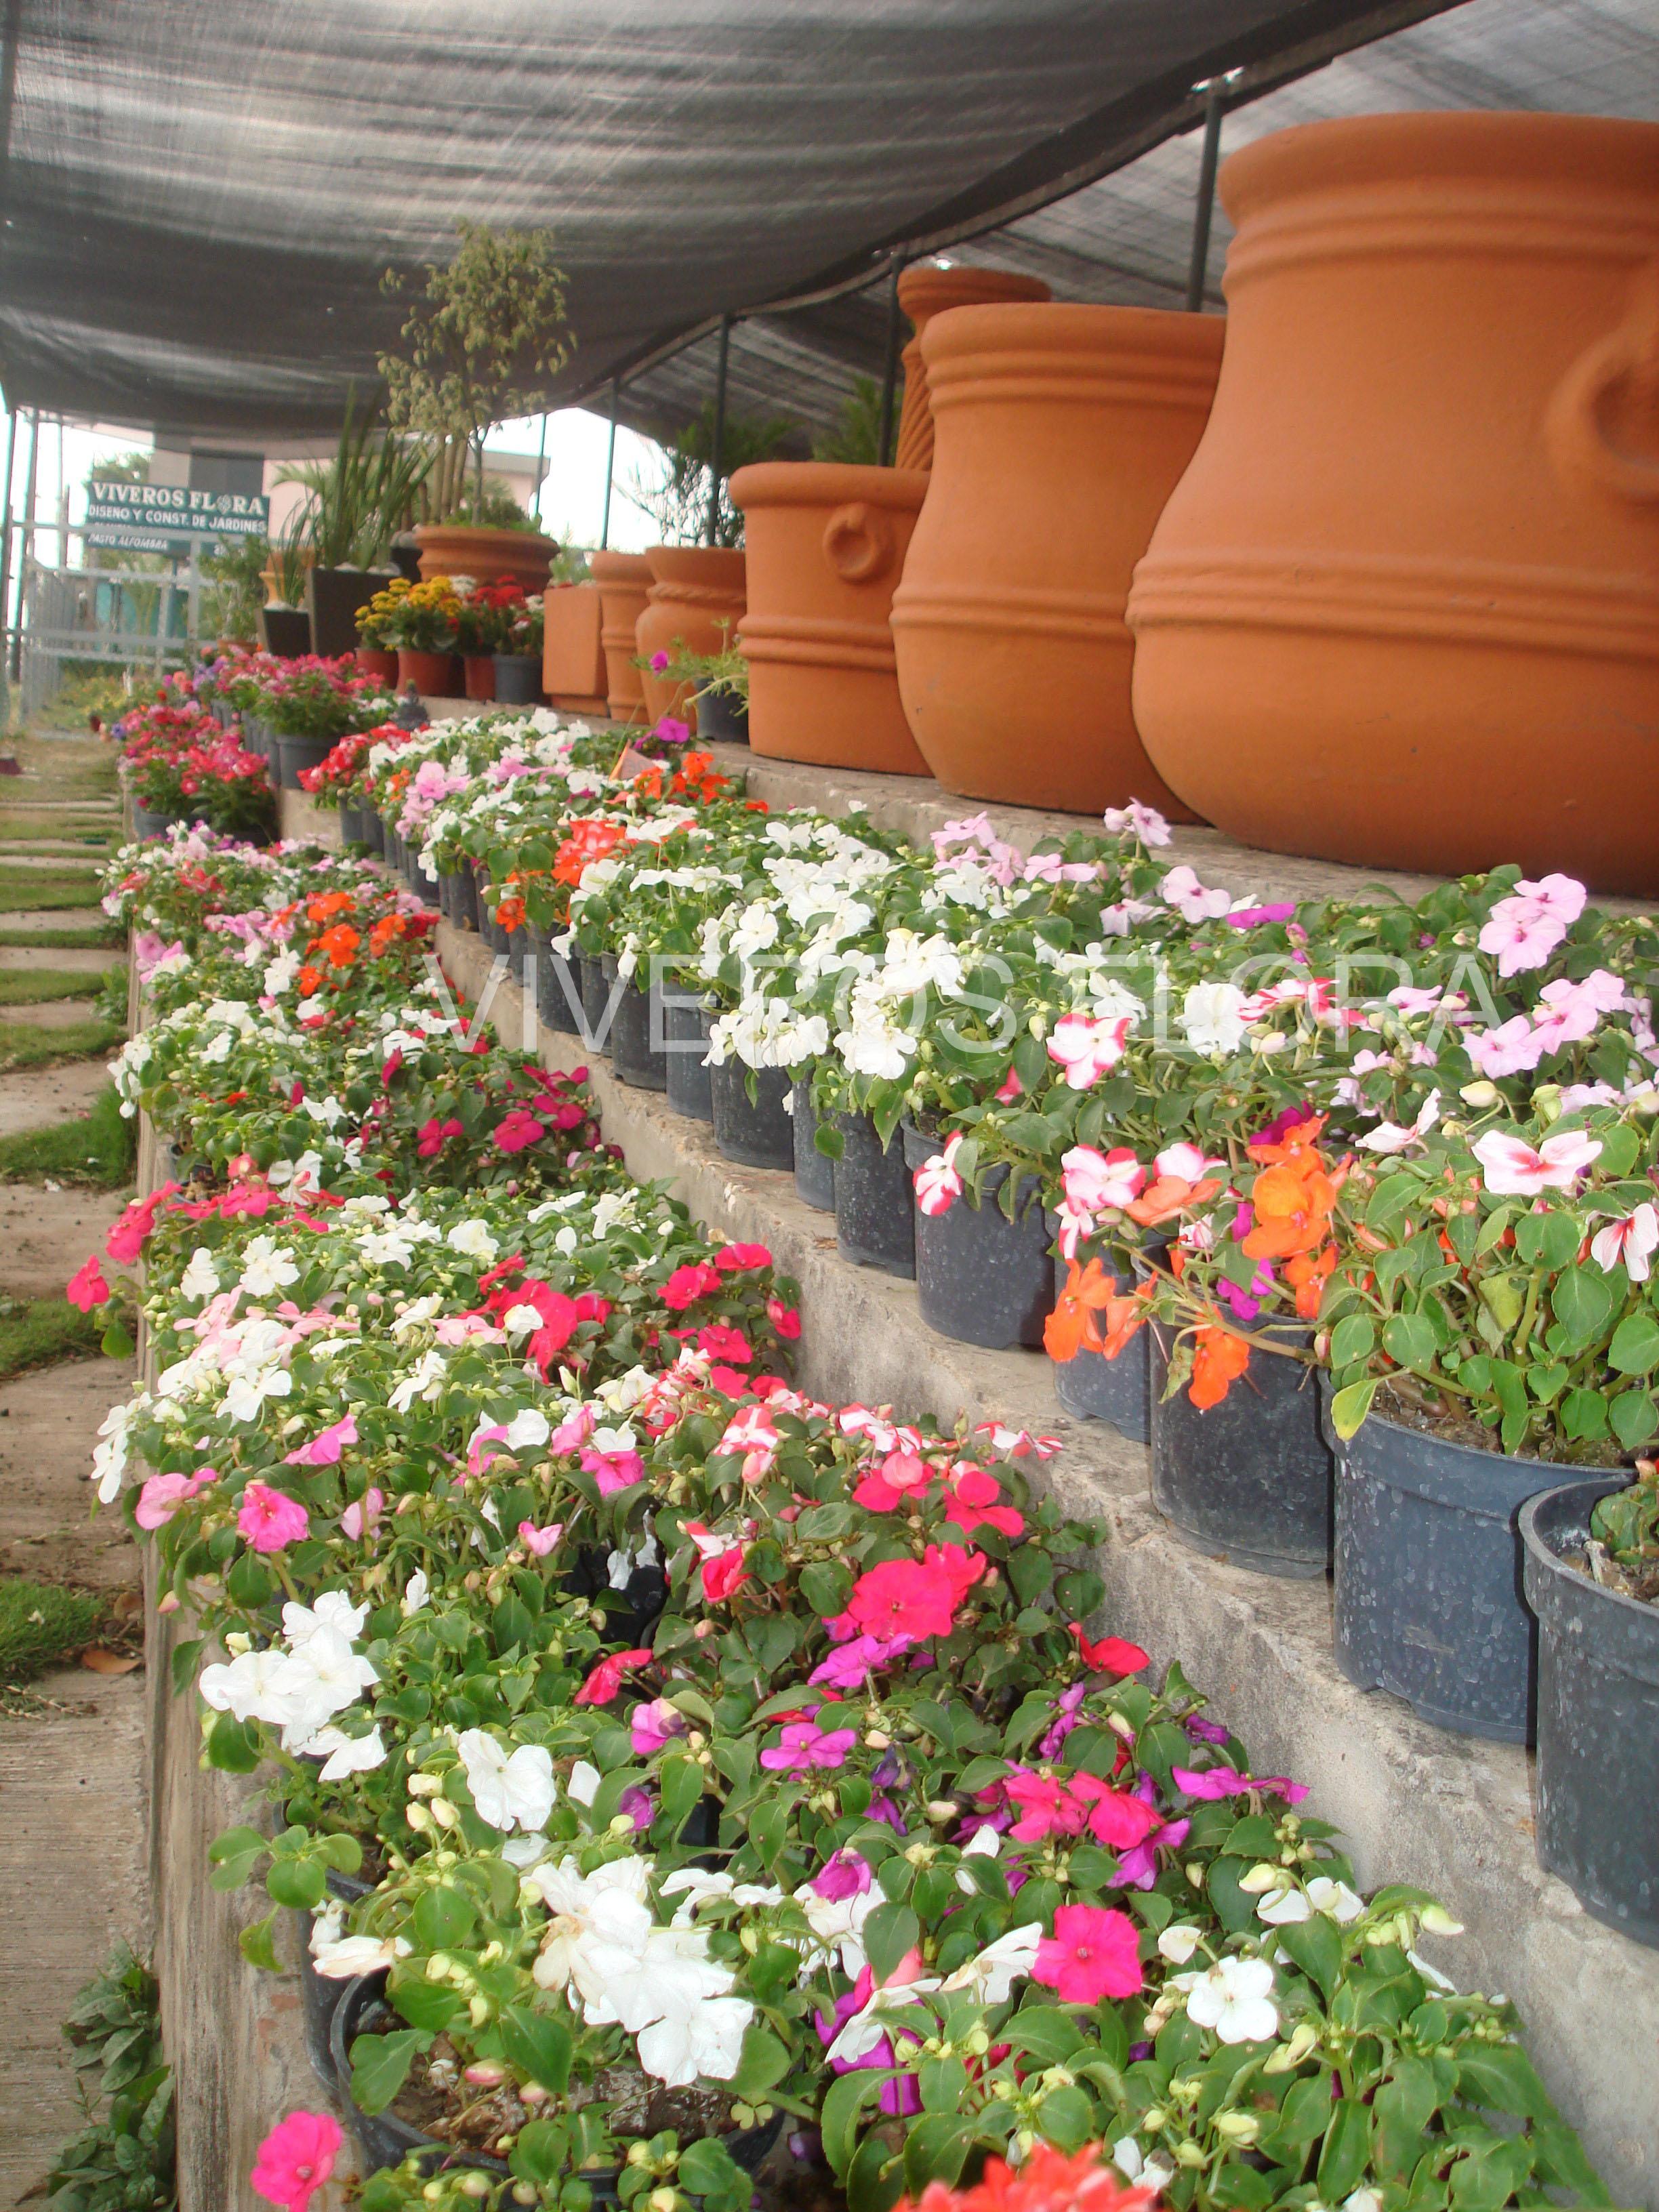 Plantas viveros flora for Viveros de plantas